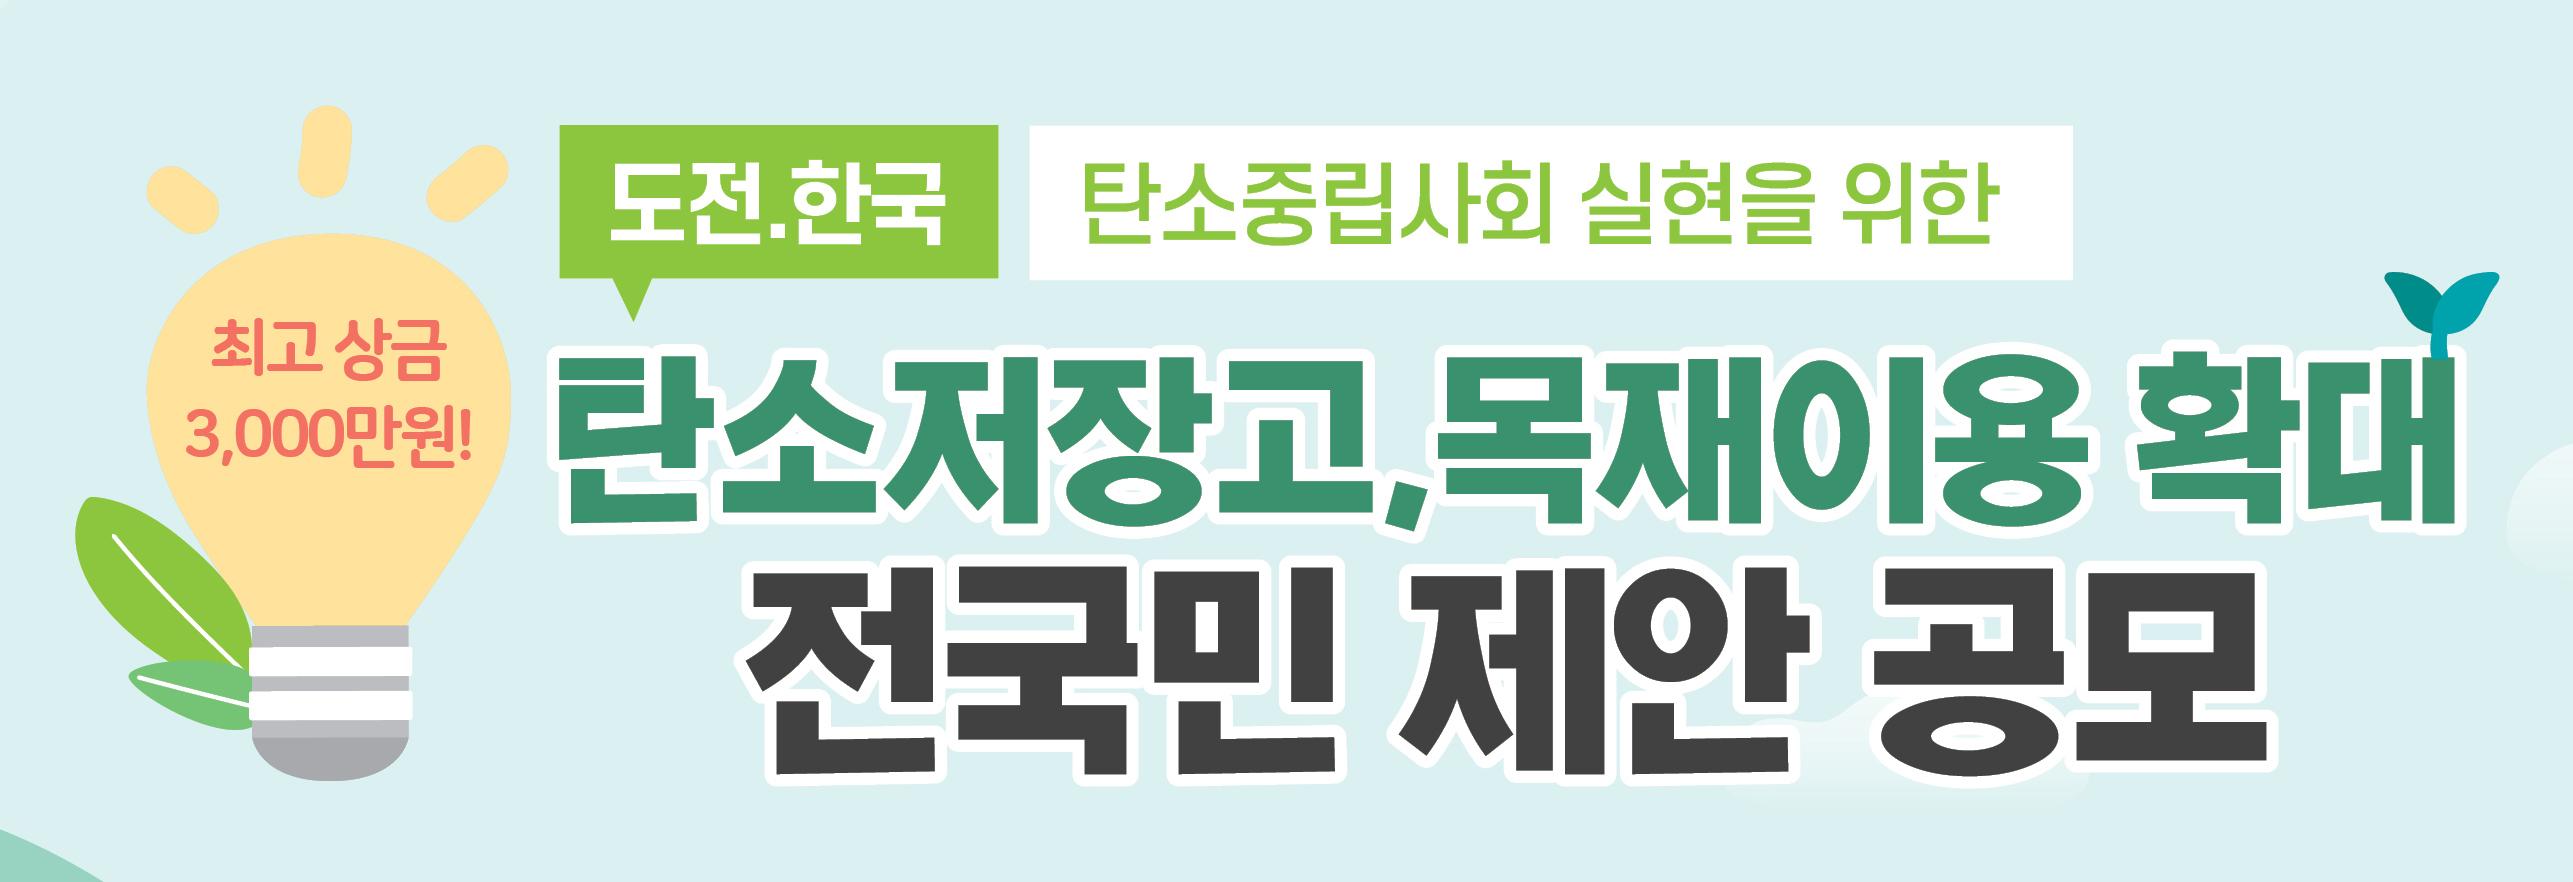 '탄소저장고, 목재이용 확대 방안' 아이디어 공모 알림